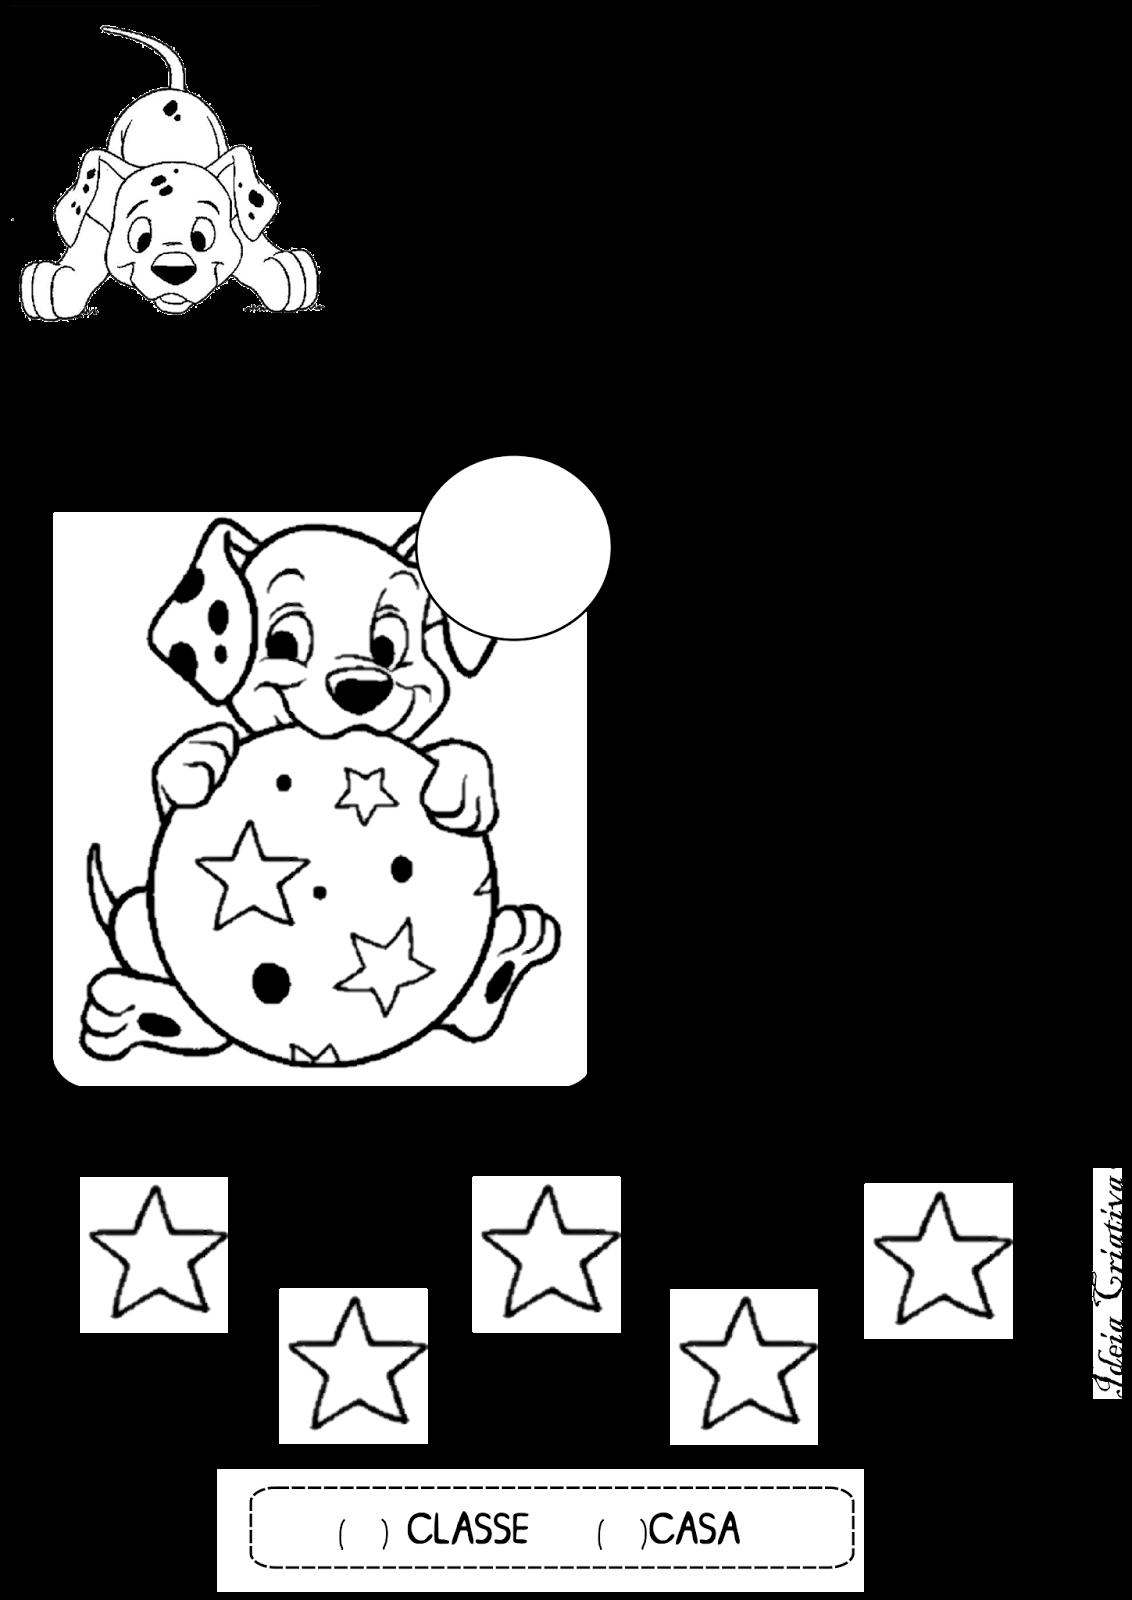 Extremamente Atividade Matemática Educação Infantil Número e Quantidade  KB09